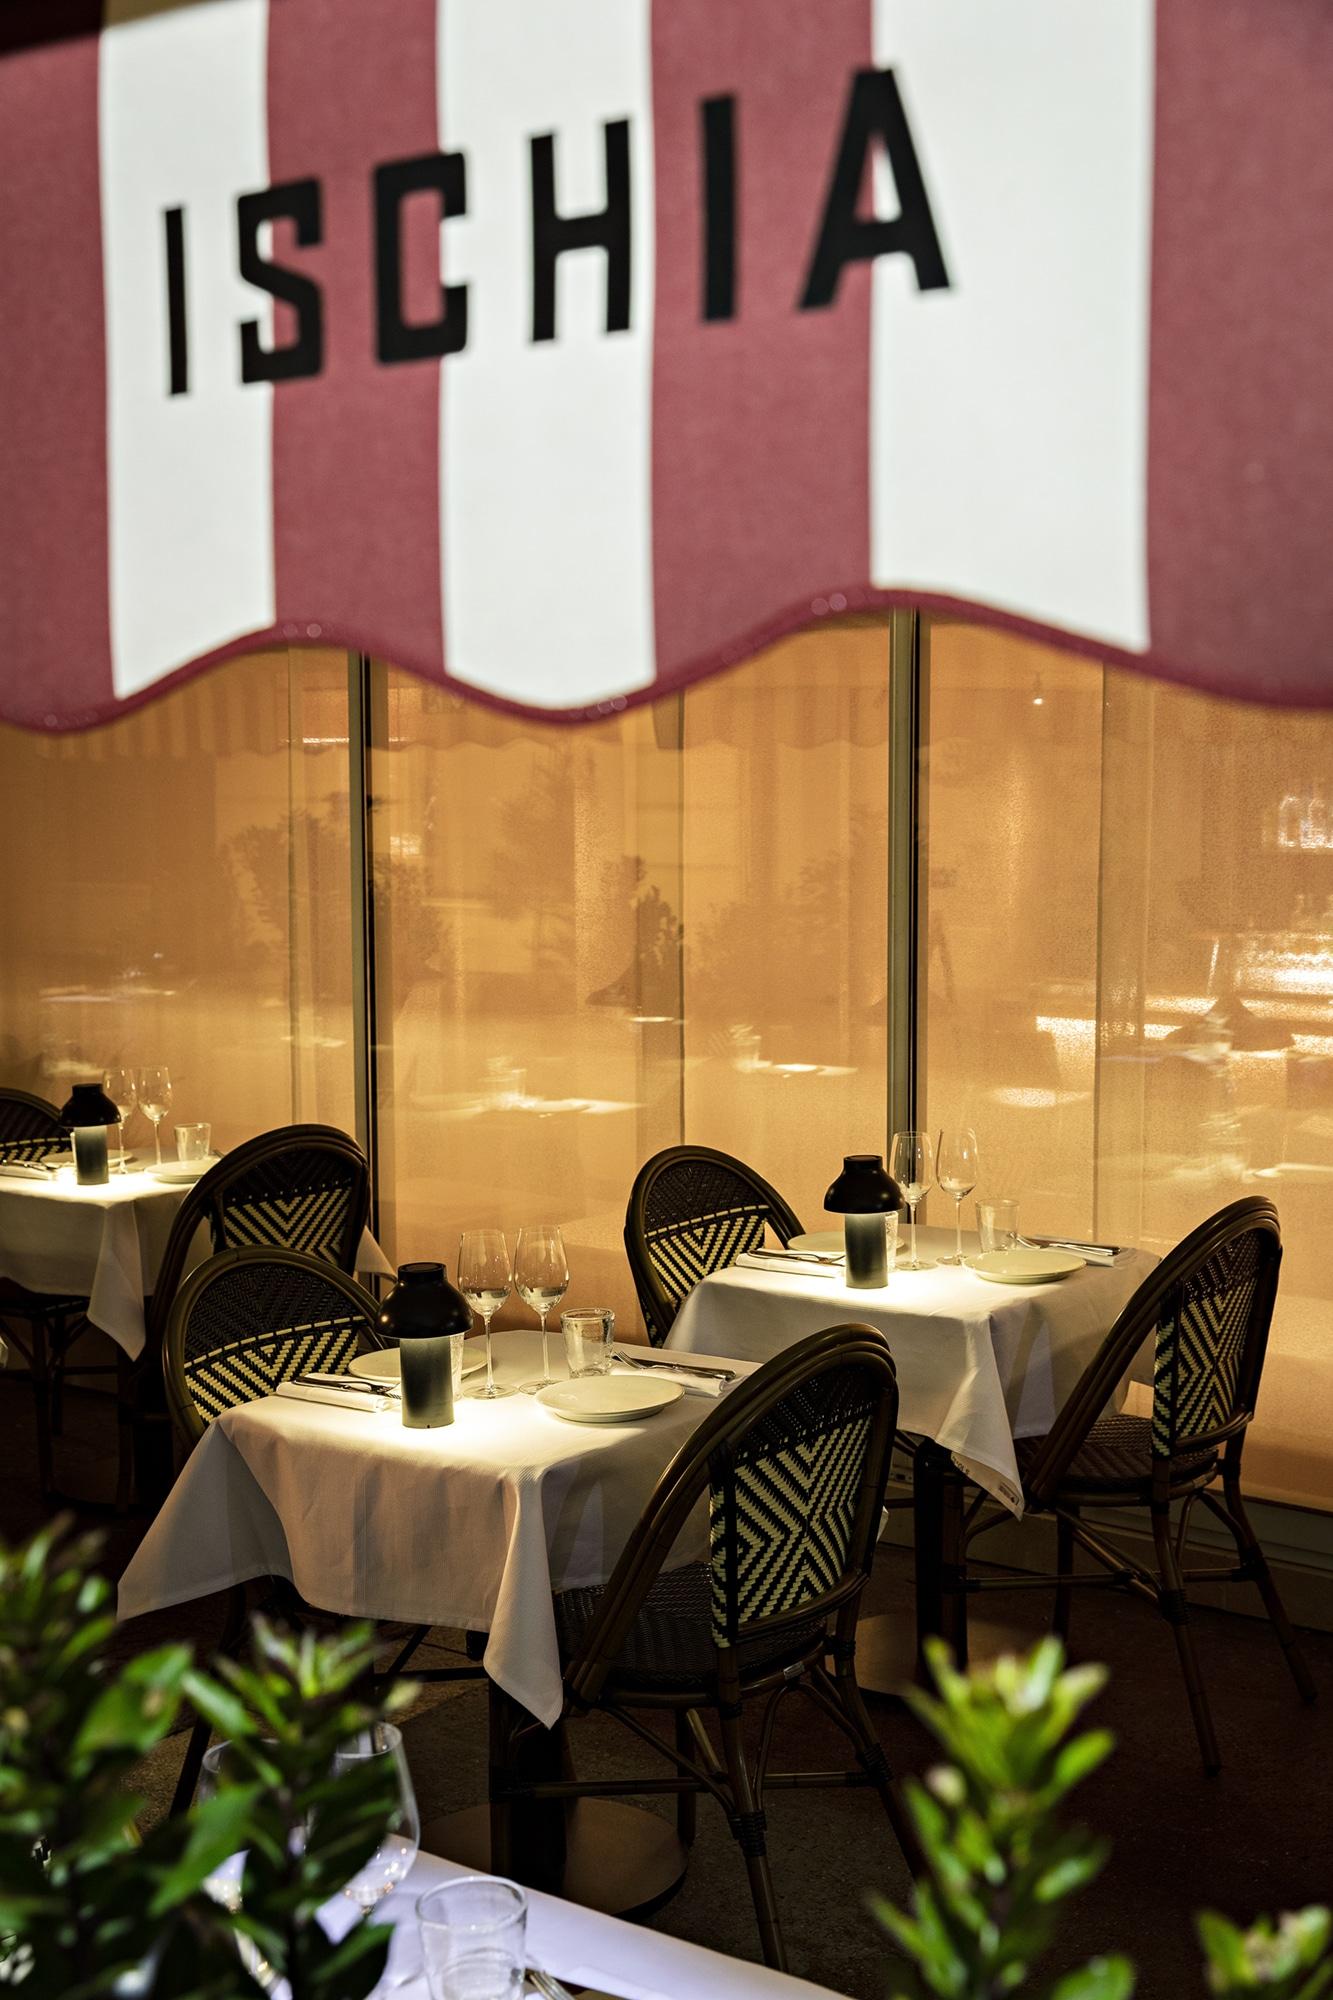 cyril lignac restaurant paris ischia nouveau ouverture italien 15ème terrasse